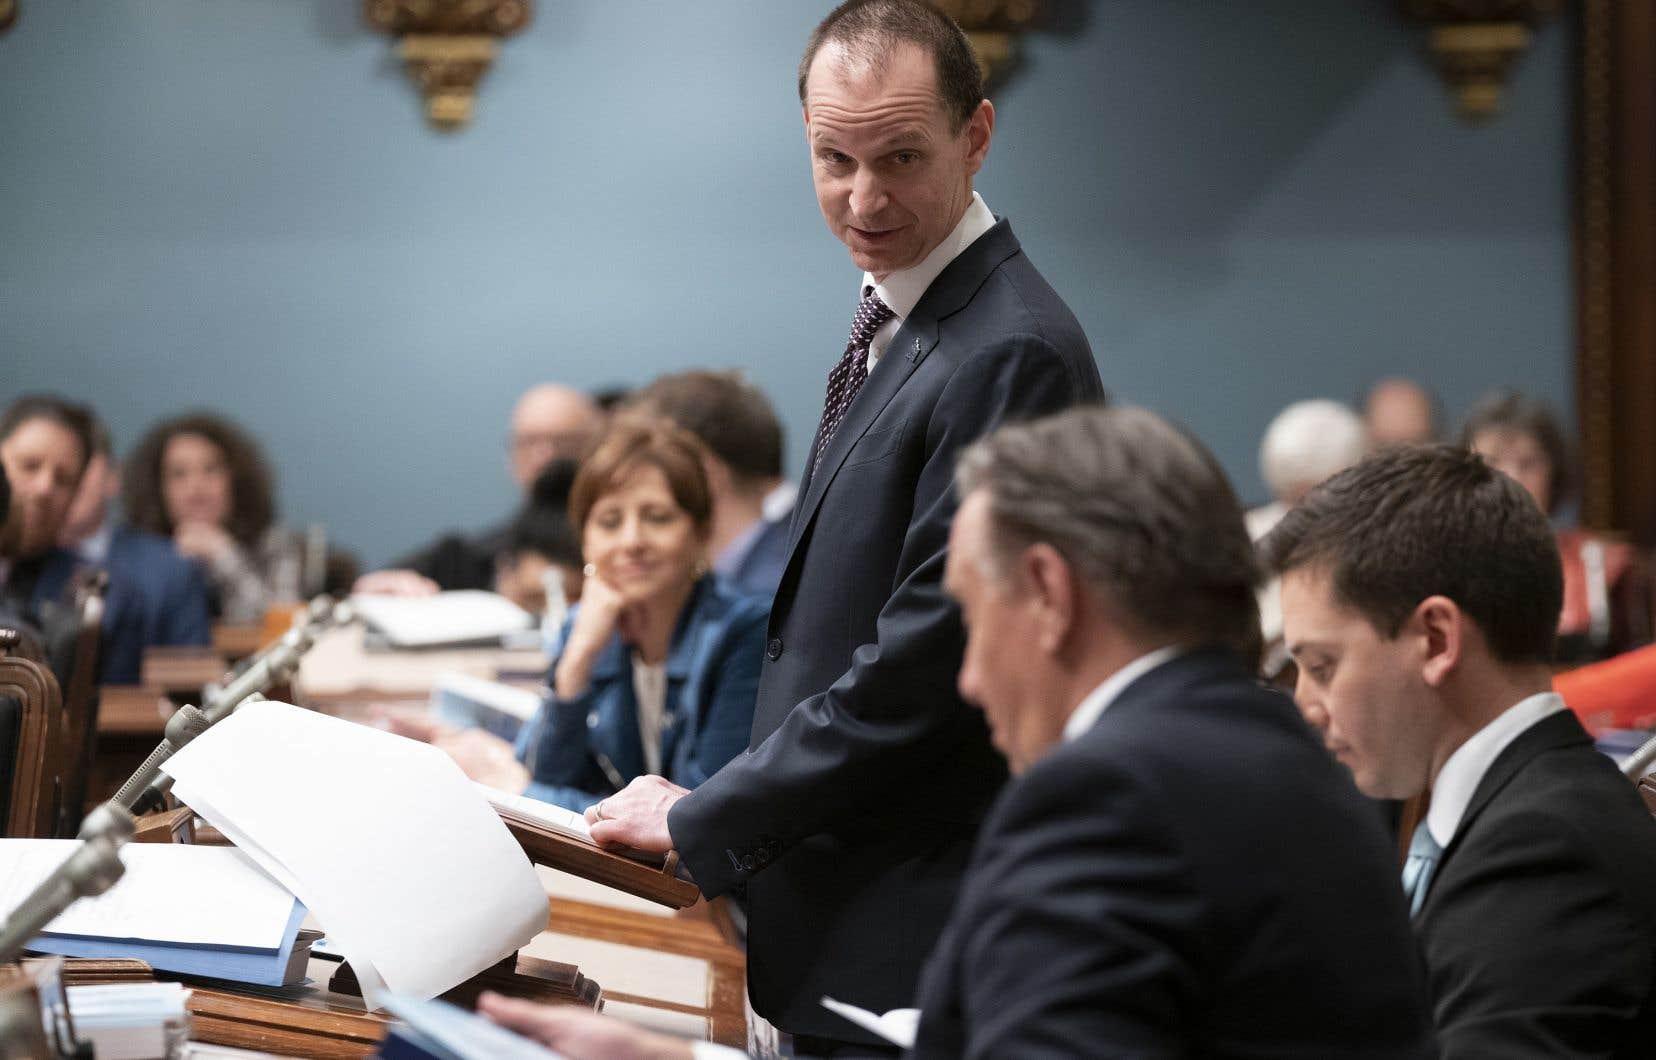 «Le gouvernement Legault doit mieux maîtriser les dépenses si l'on souhaite passer par-dessus les défis financiers annoncés», dit l'auteur.